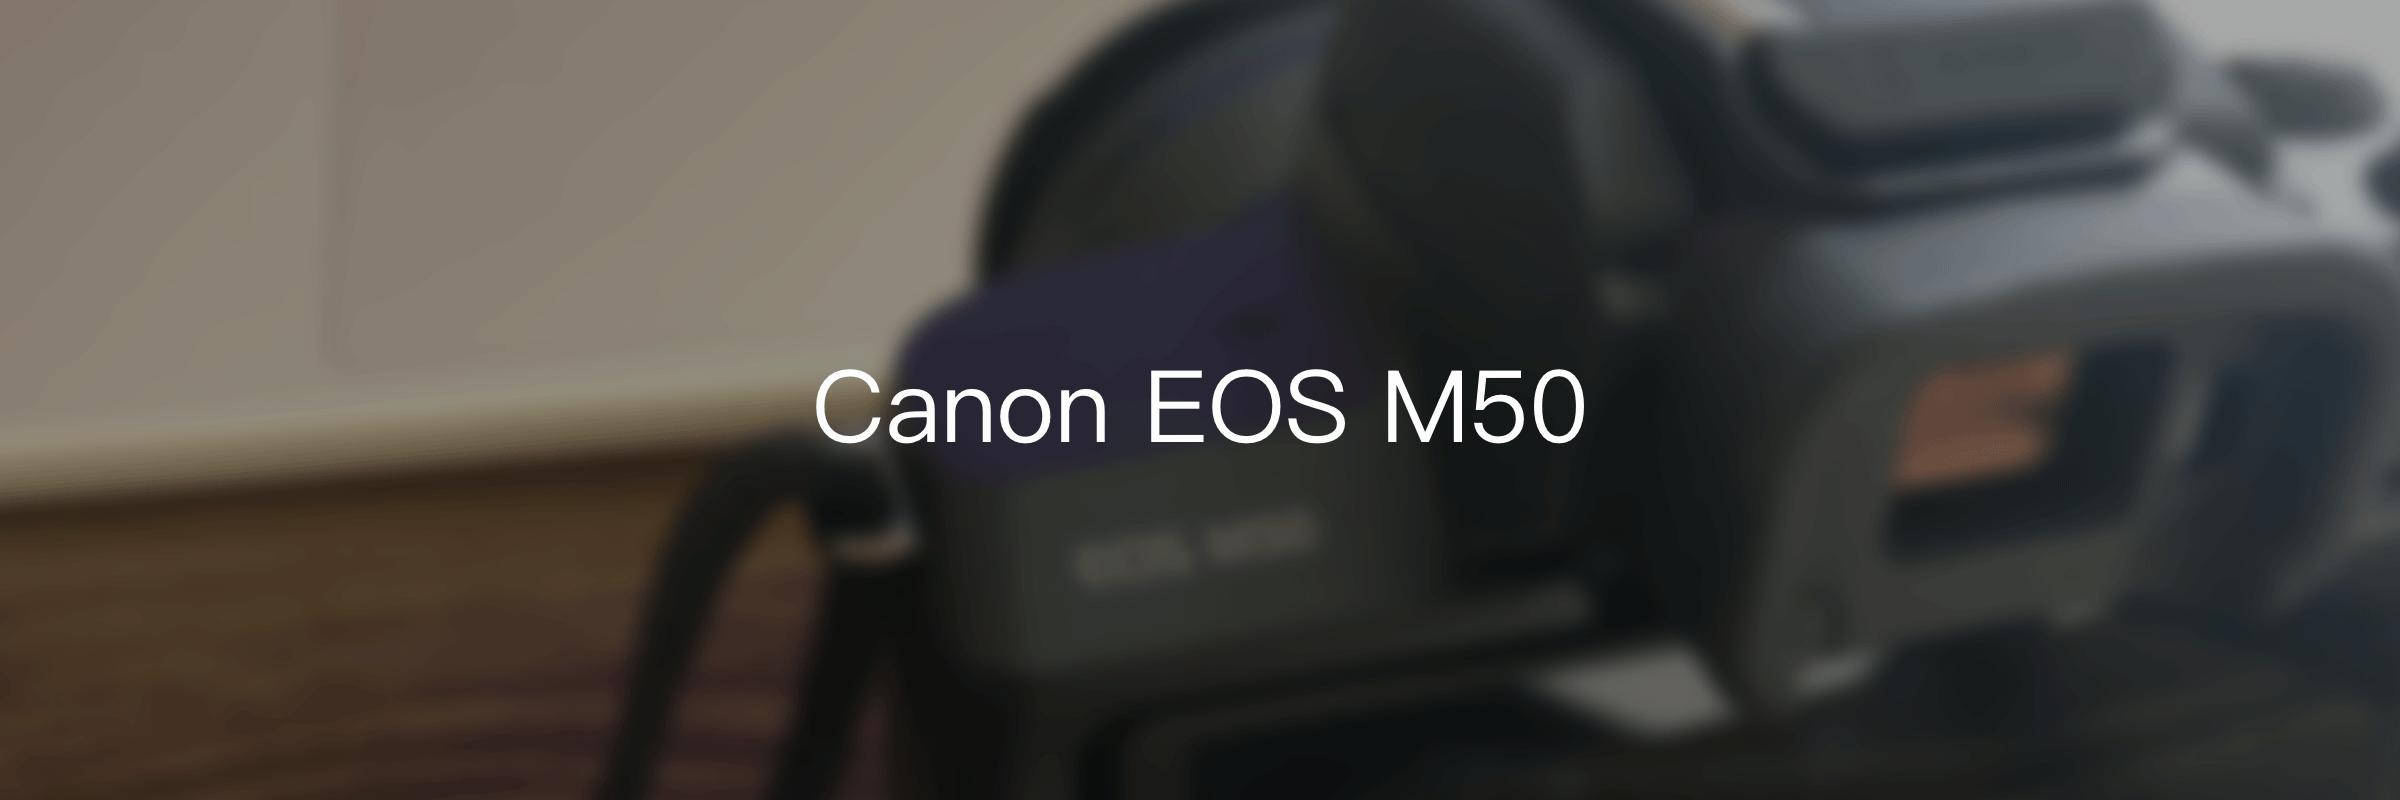 M50啊M50,我感动了